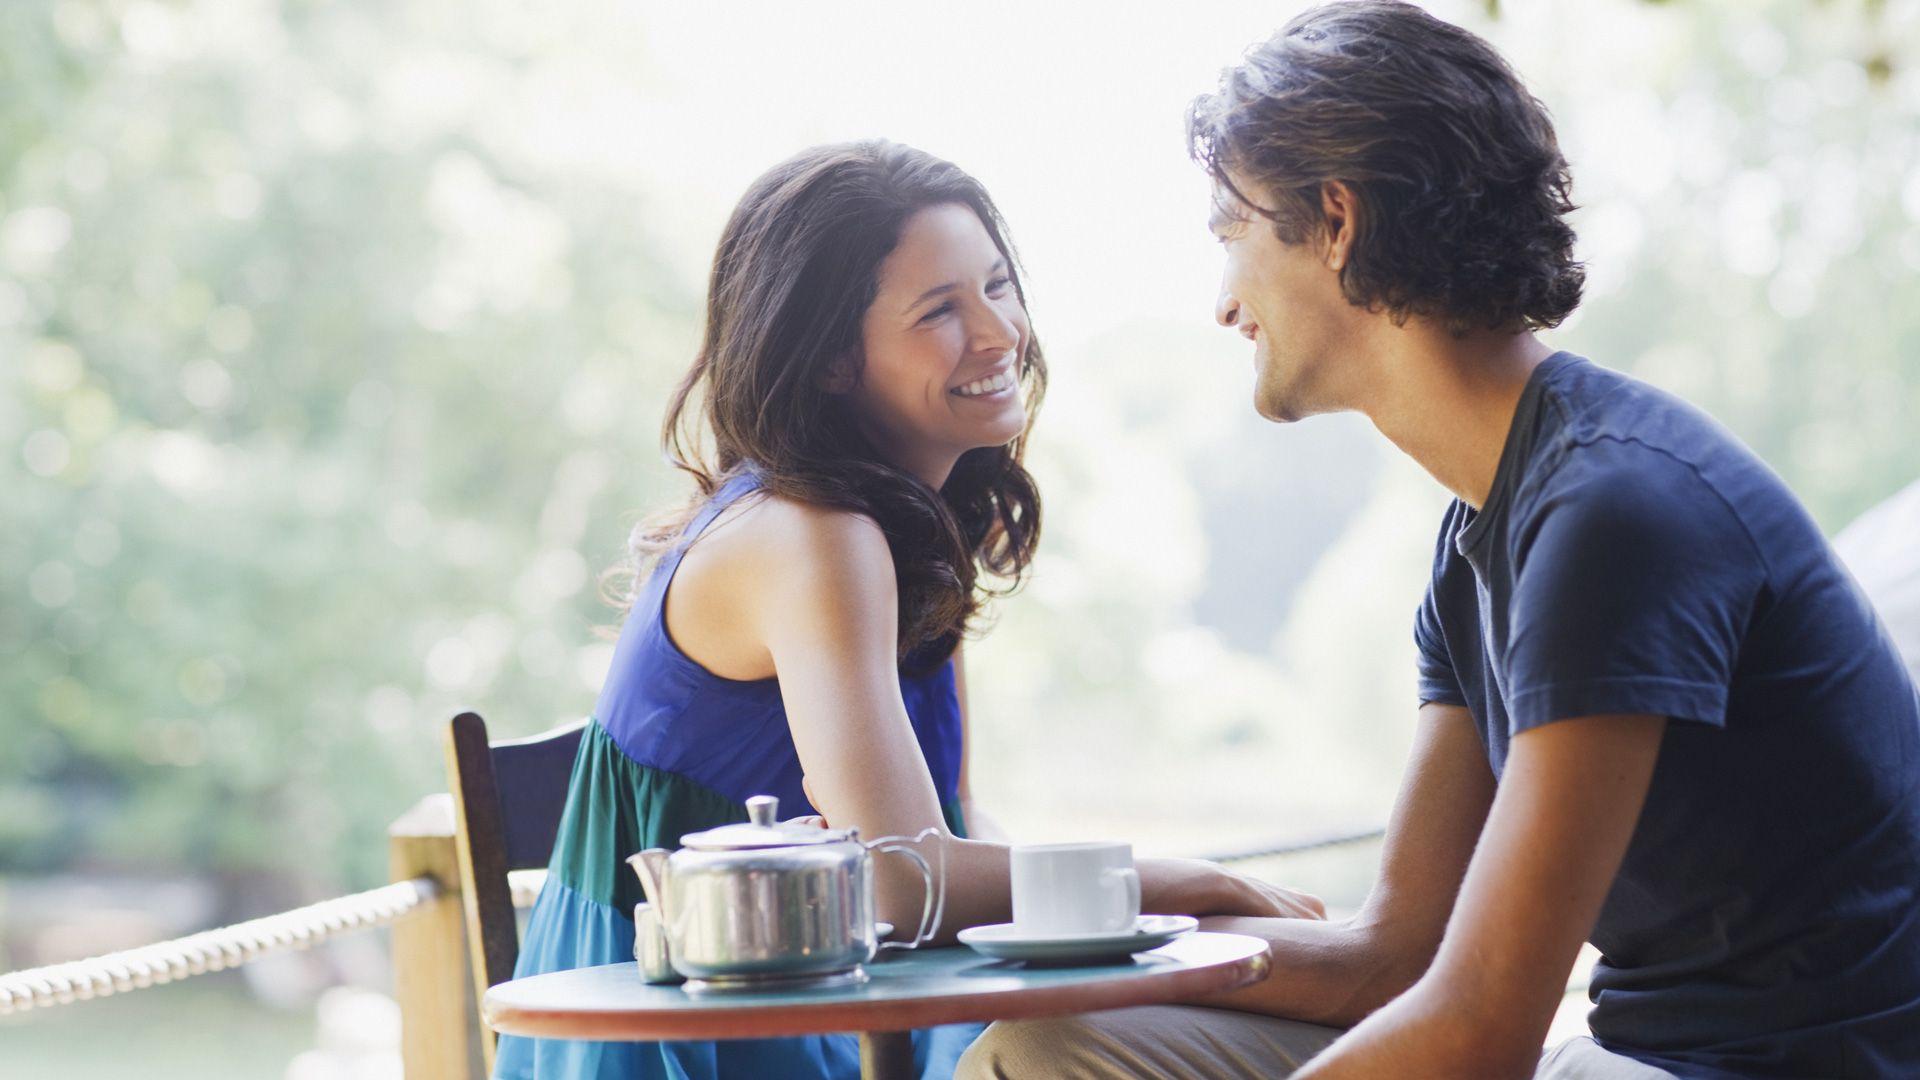 как познакомиться и начать новые отношения